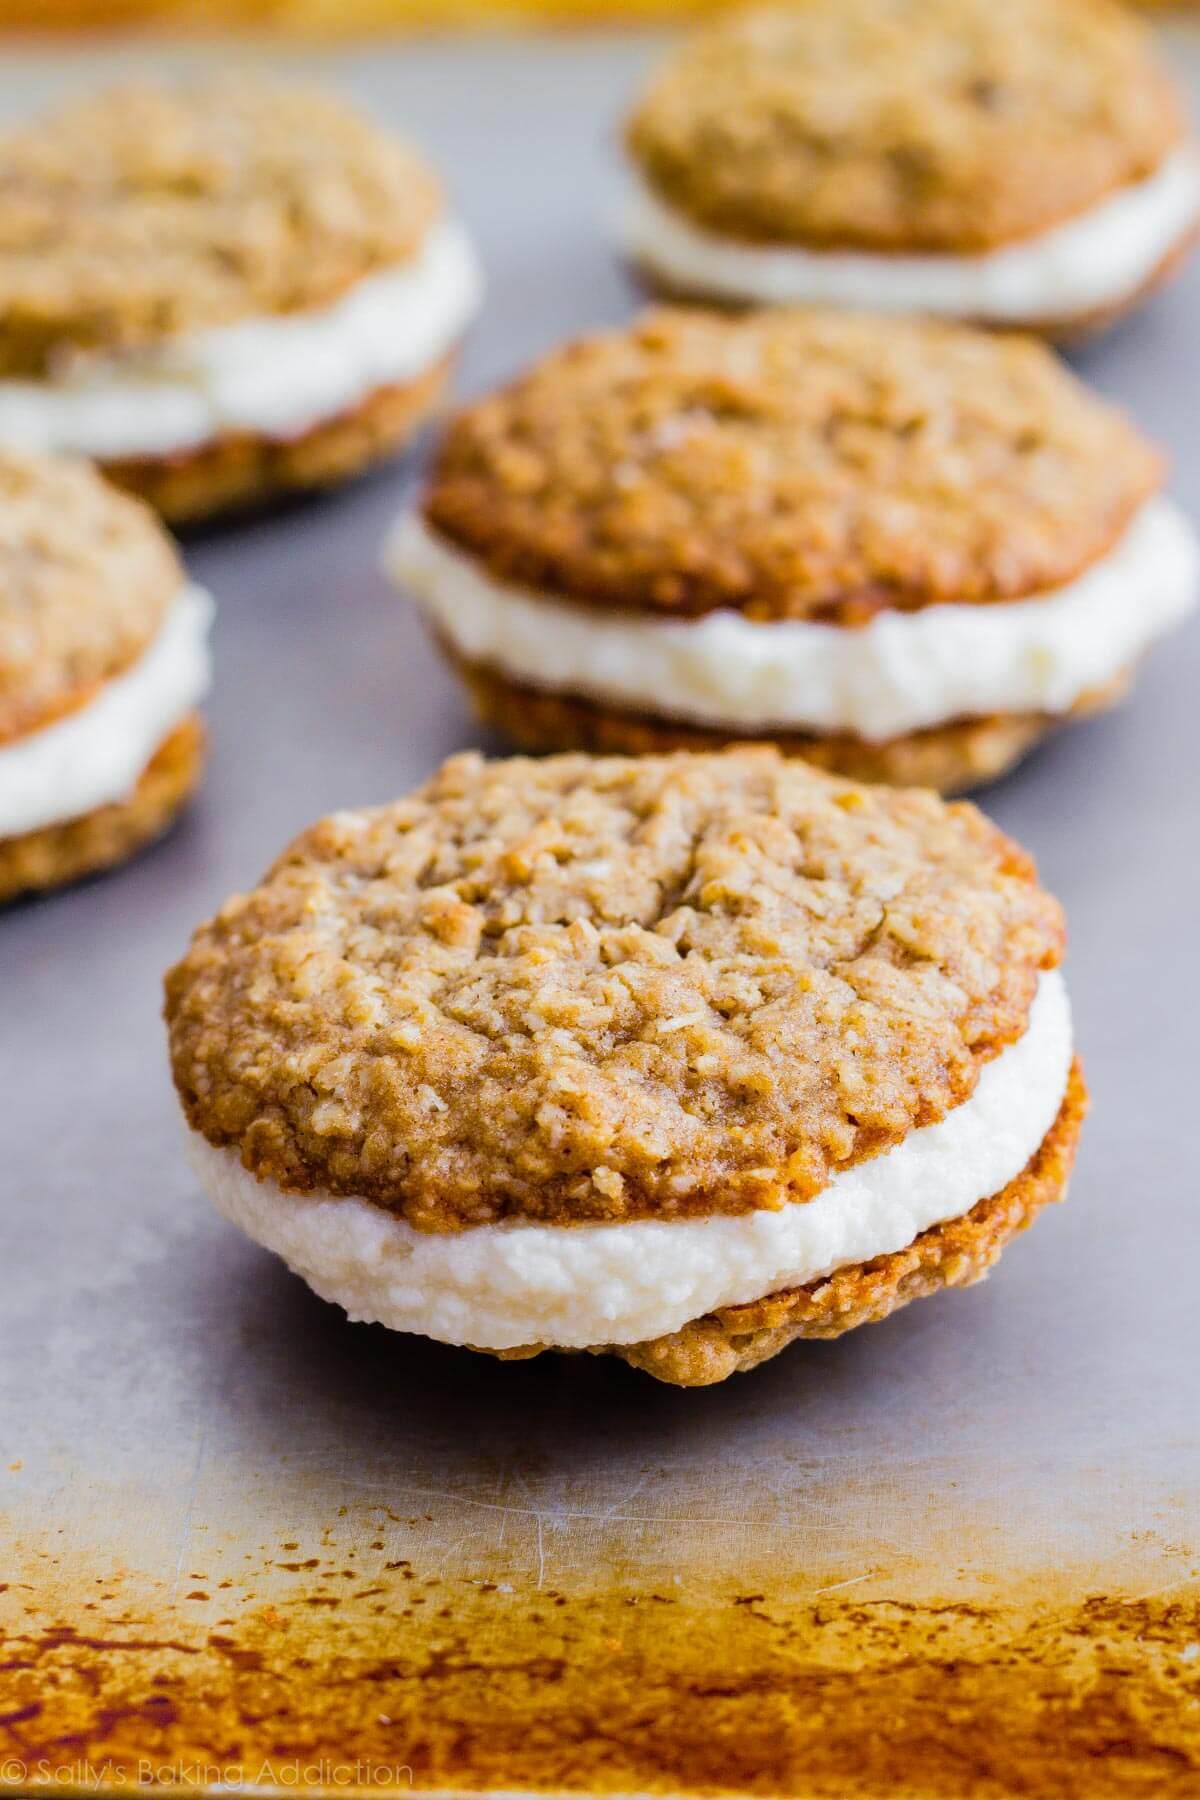 Copycat Little Debbie Oatmeal Cream Pies par sallysbakingaddiction.com. Ils ont même meilleur goût que les originaux!